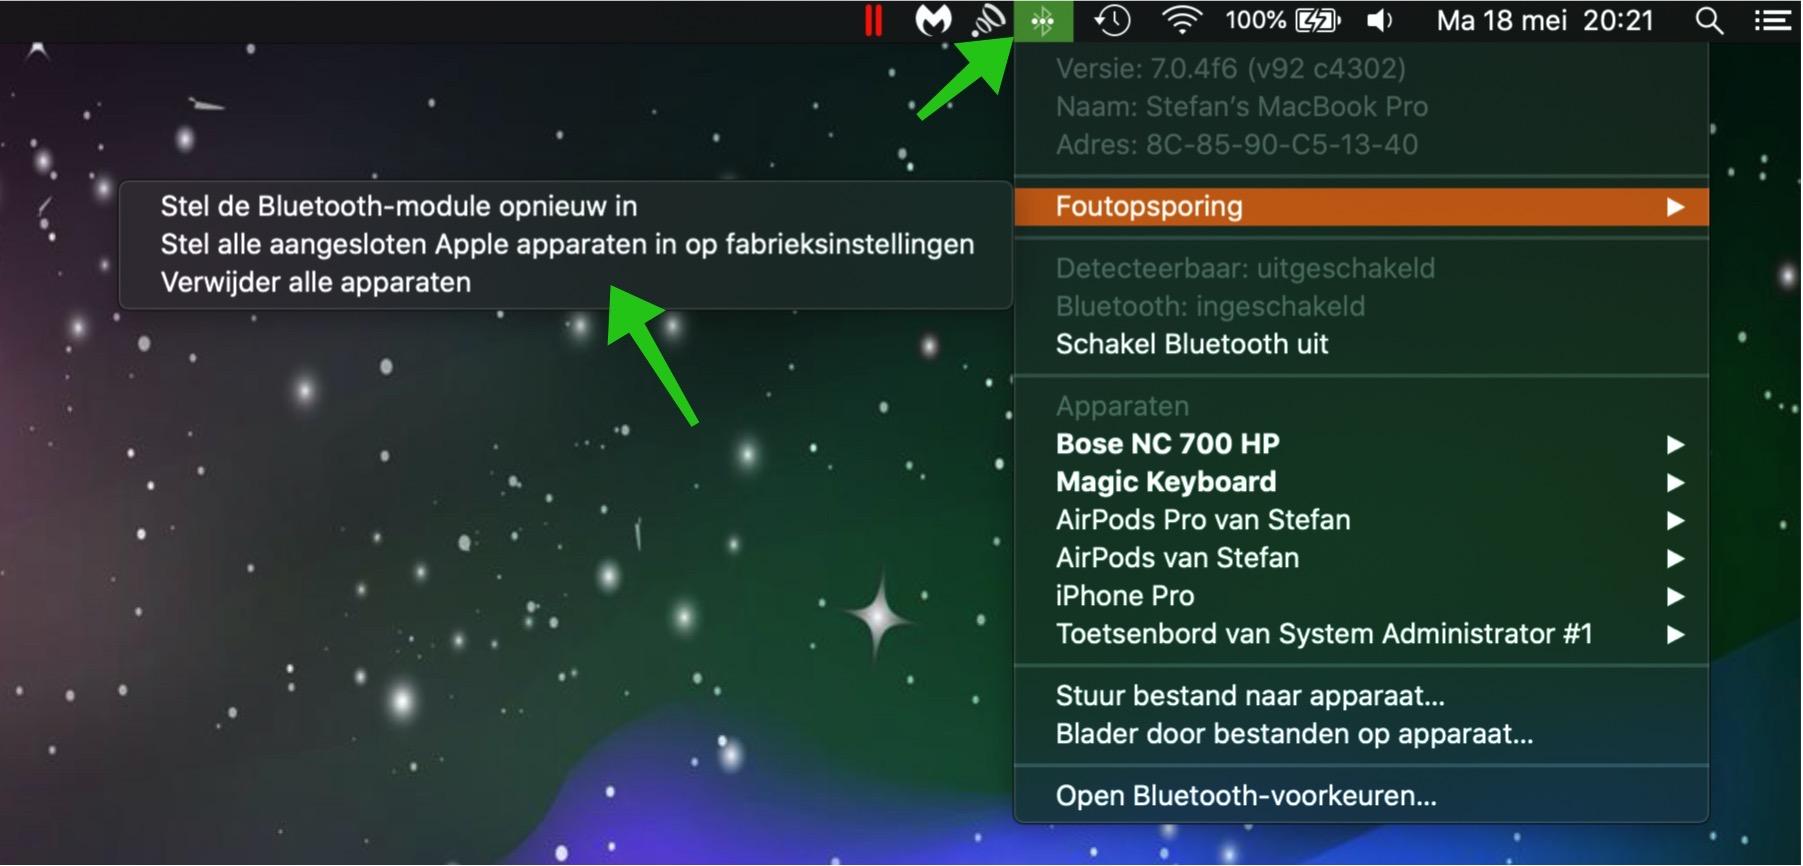 bluetooth problemen oplossen mac